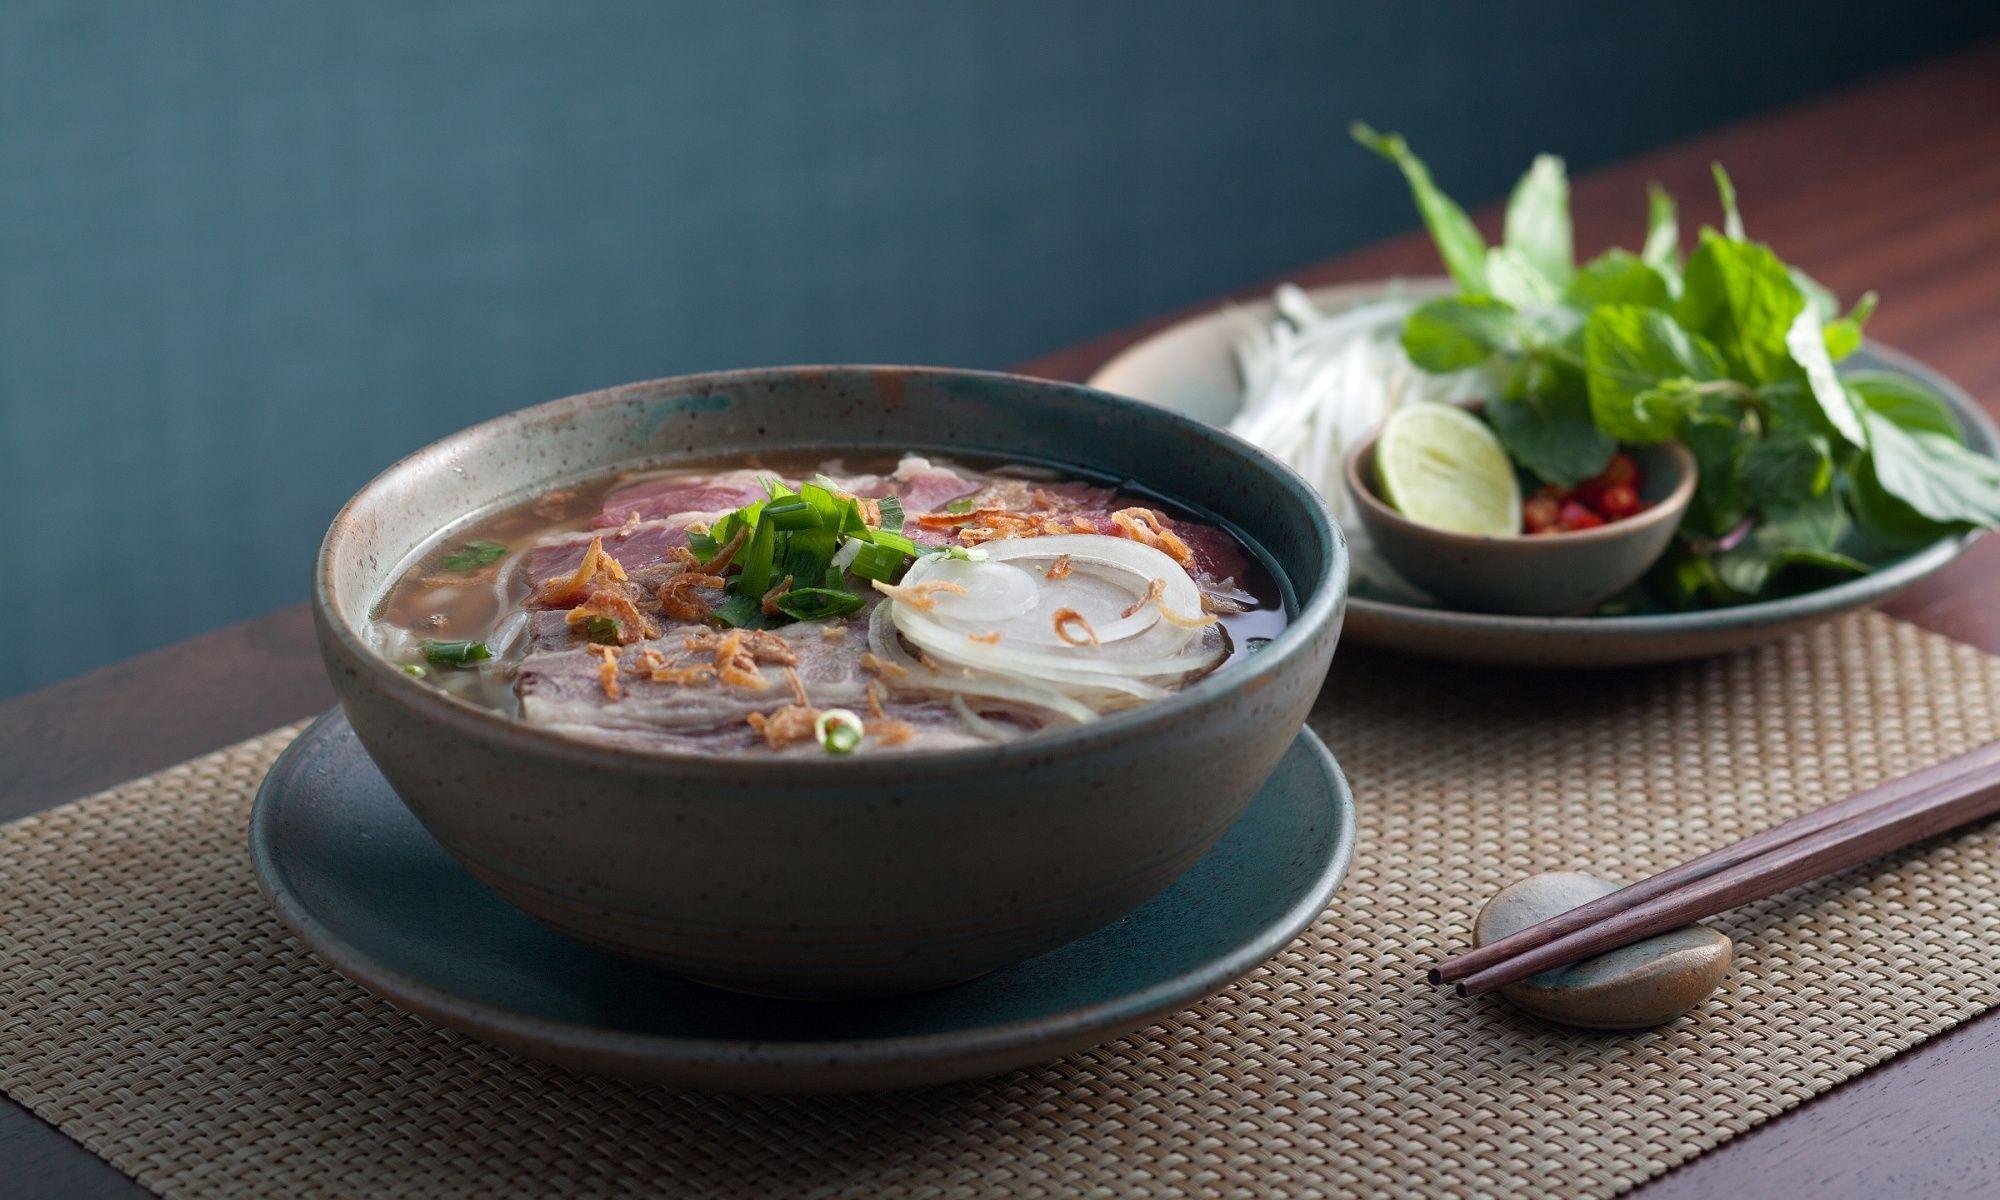 Causeway Bay's An Nam Presents New Dinner Set Menu